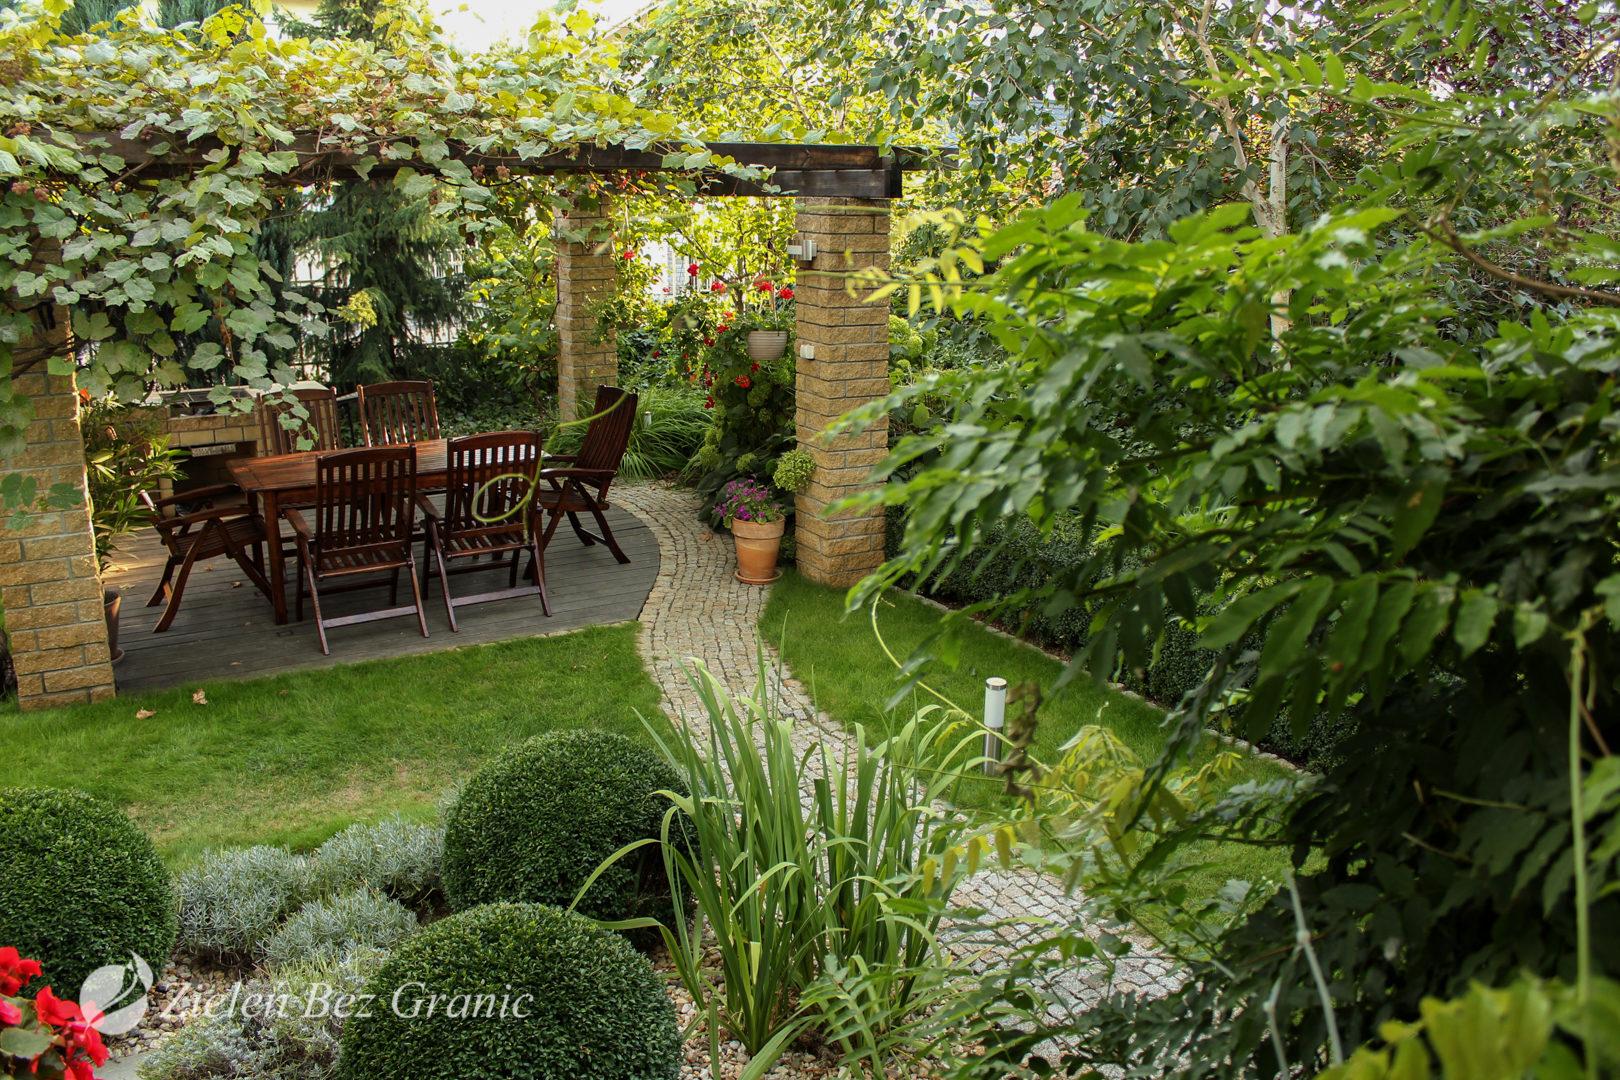 Aranżacja ogrodu będącego oazą zieleni.